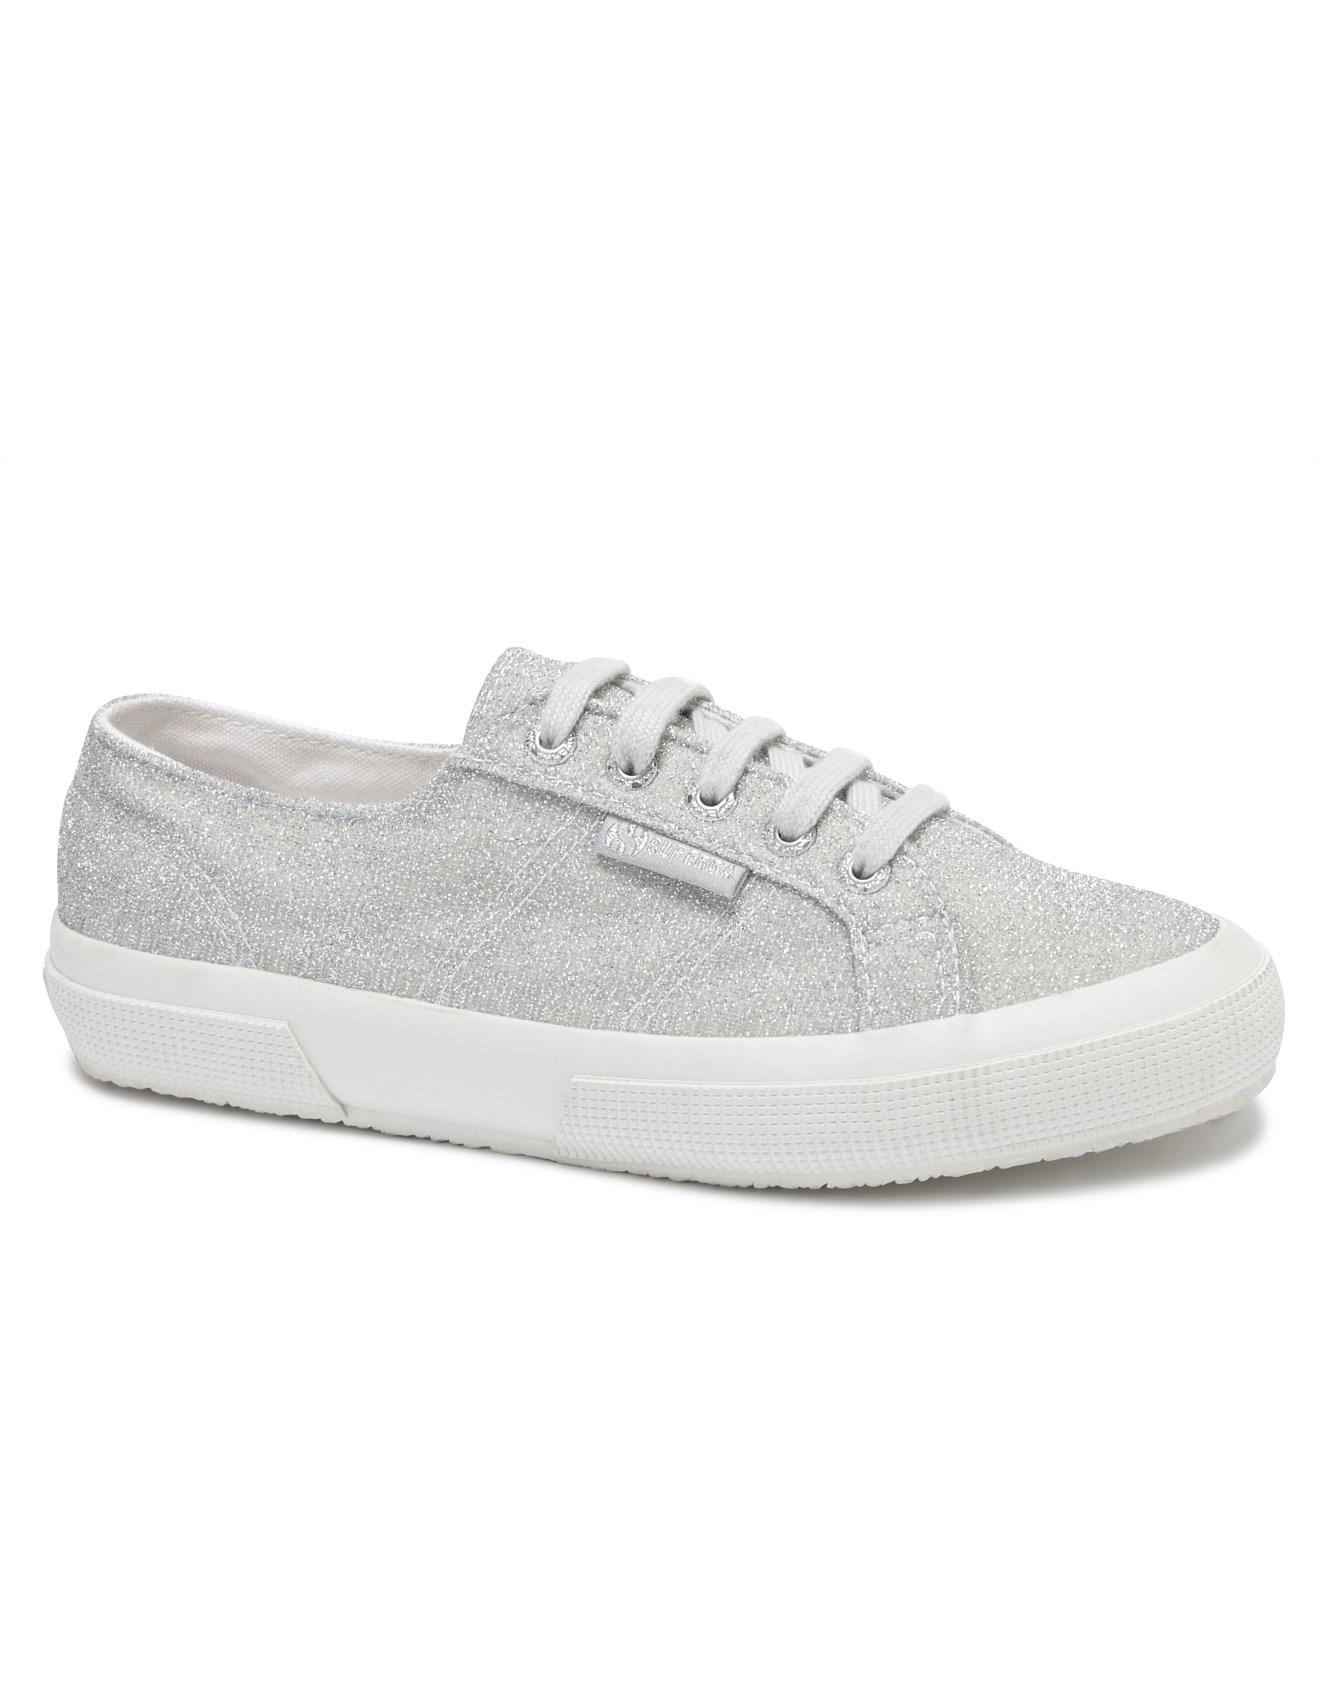 Womens Shoes - 2750-Jersey Lurex Sneaker